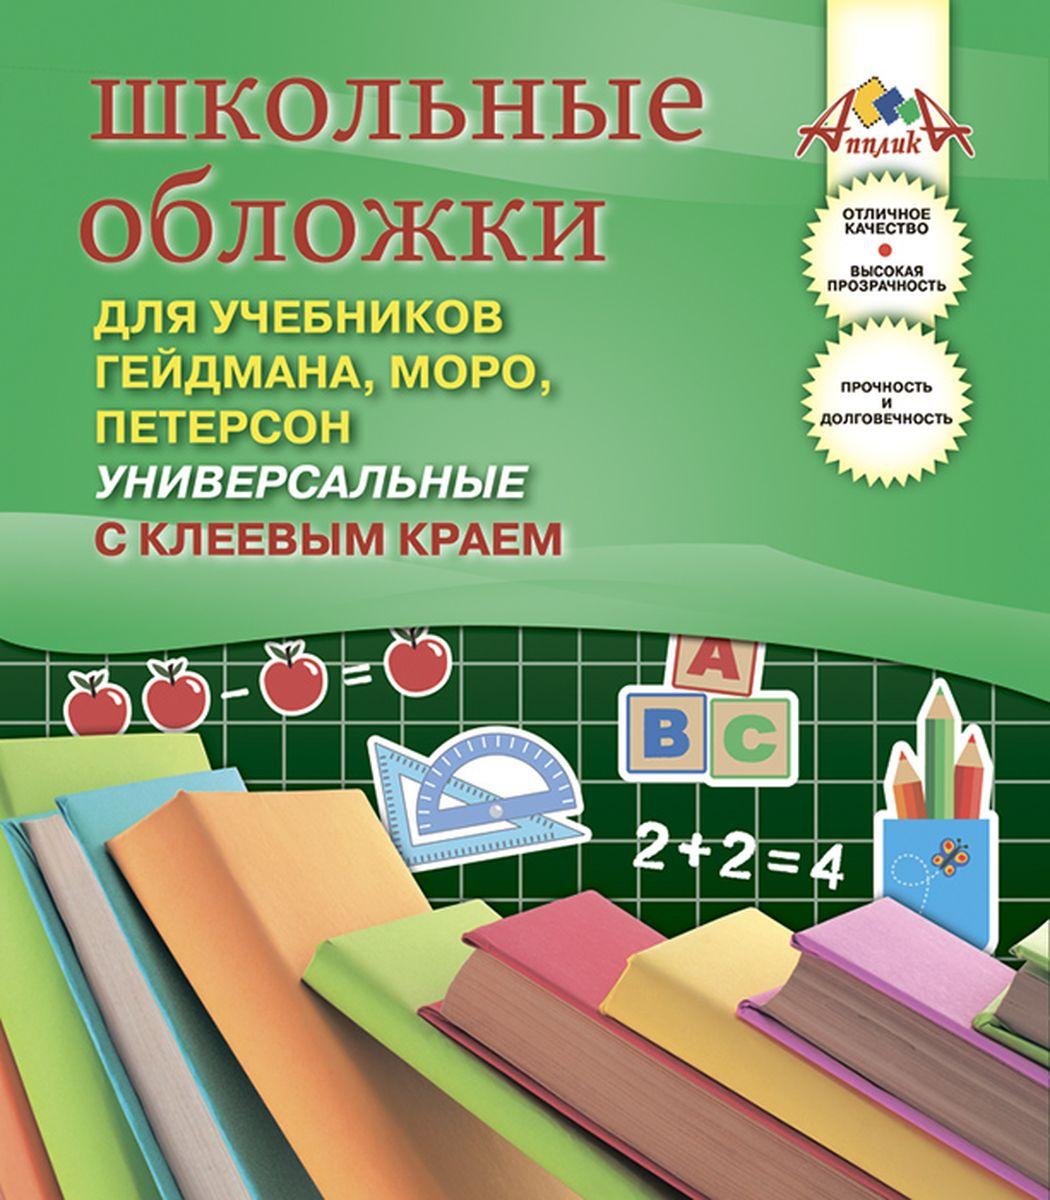 Апплика Набор обложек для учебников 5 шт апплика набор школьных обложек для начальных классов 15 шт